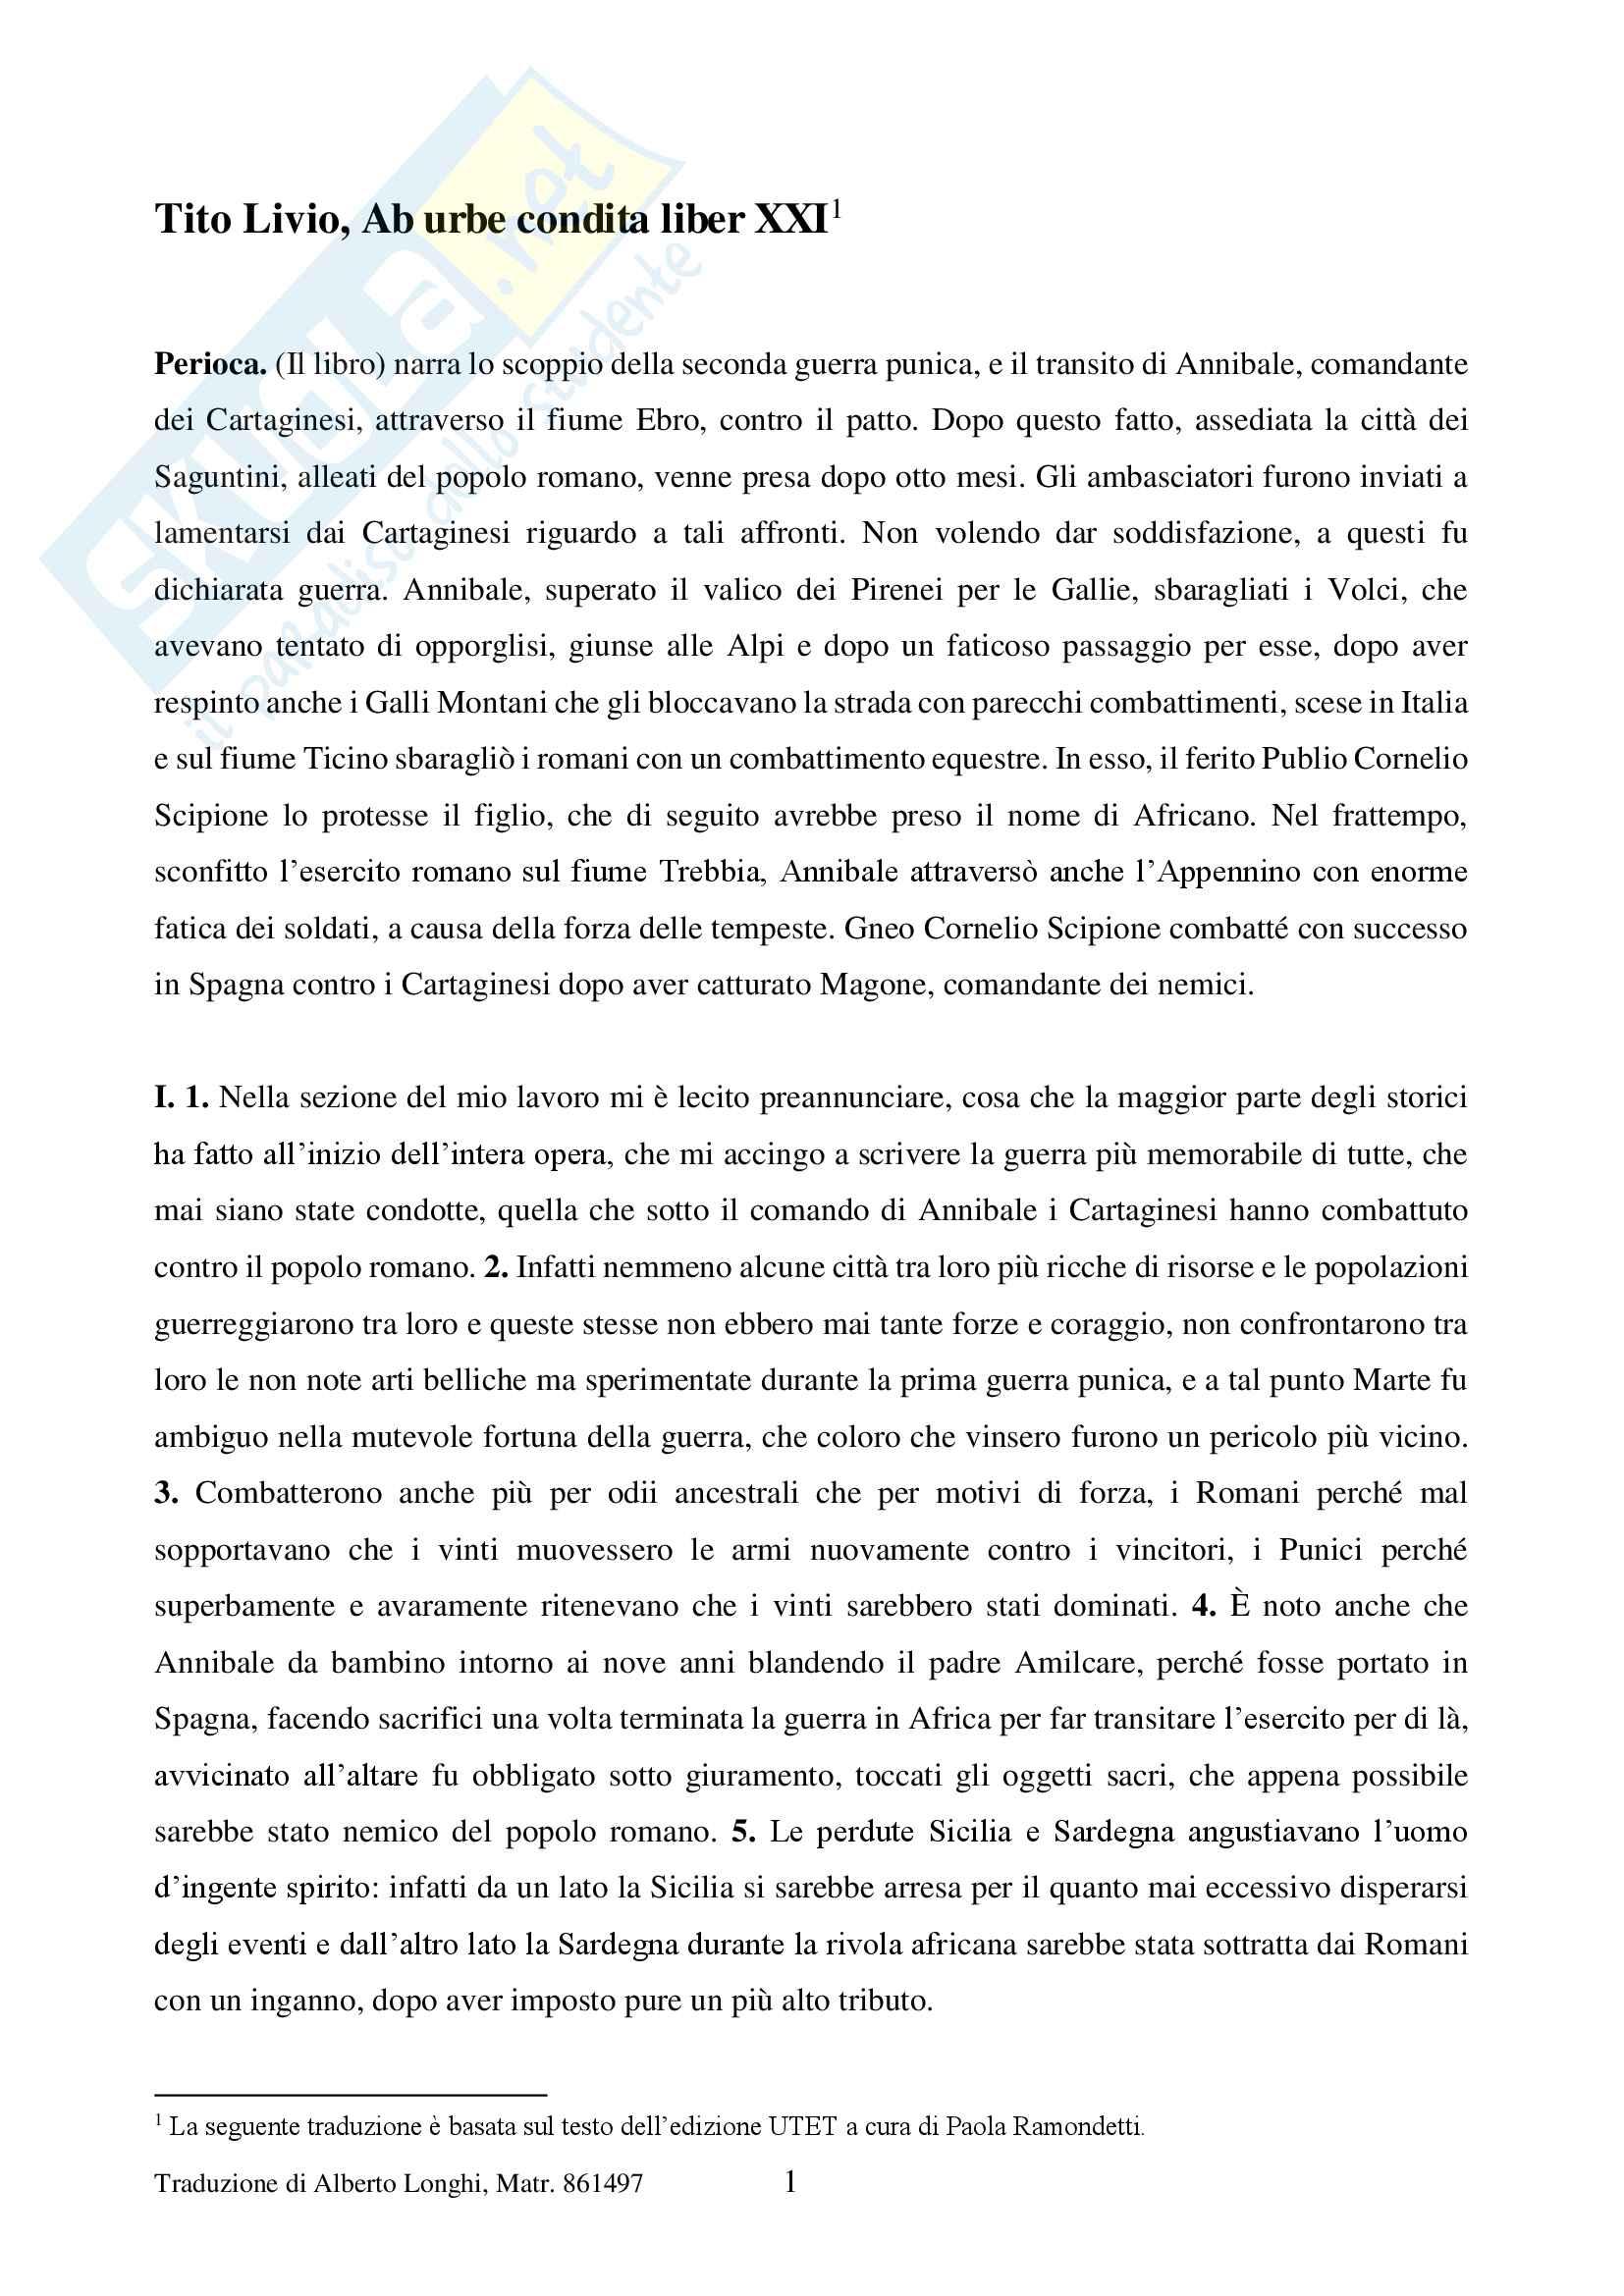 Tito Livio Libro XXI